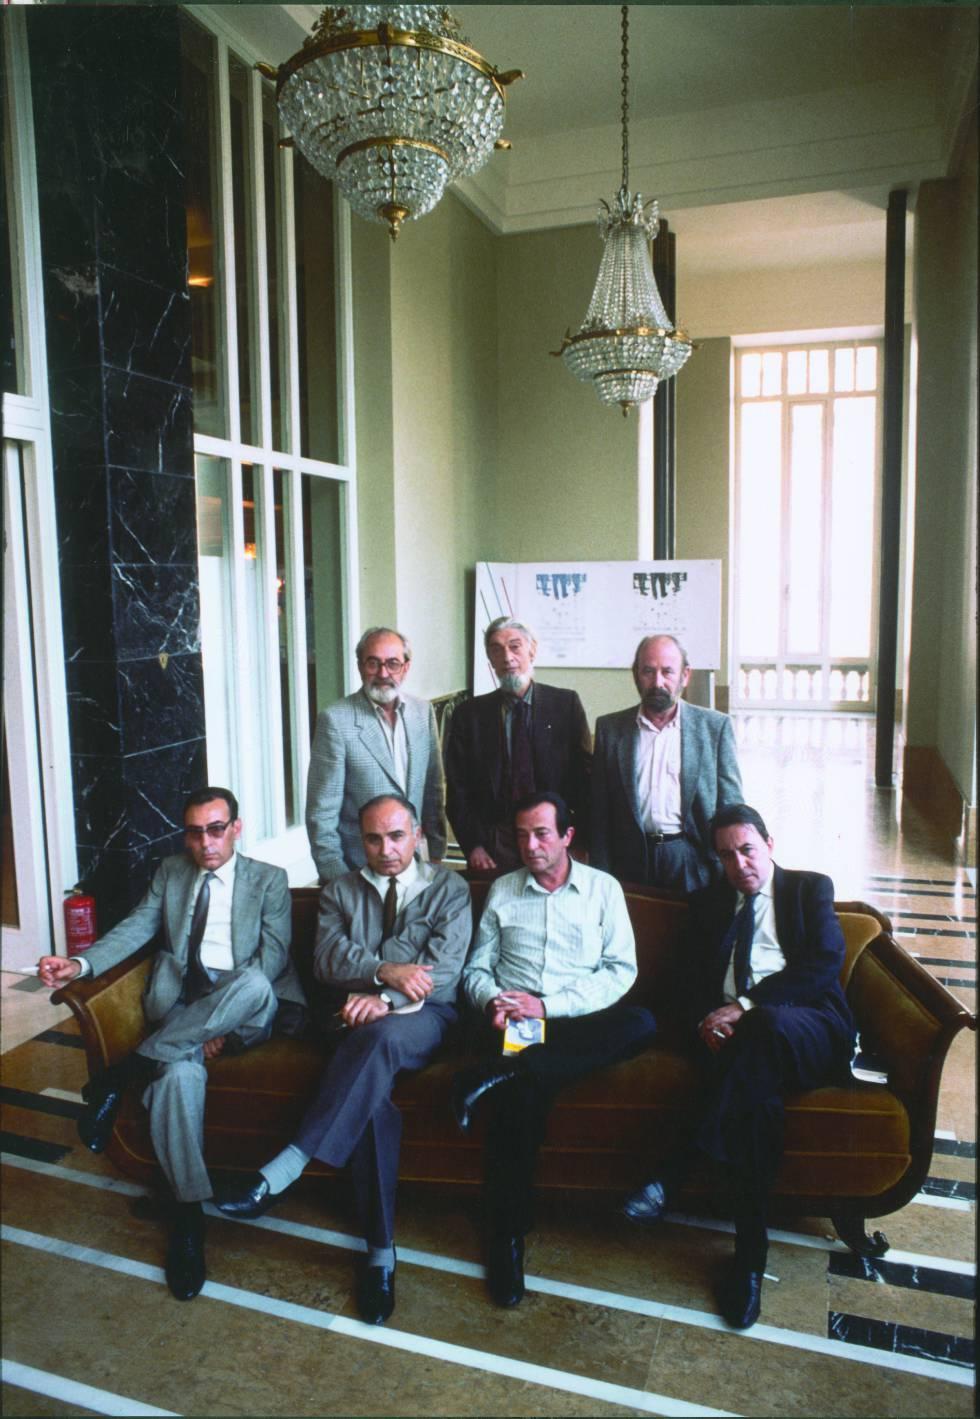 De pie, Ángel González, Carlos Barral, J. M. Caballero Bonald. Sentados, Carlos Sahagún, Francisco Brines, José A. Goytisolo y Claudio Rodríguez, en Oviedo en 1987.